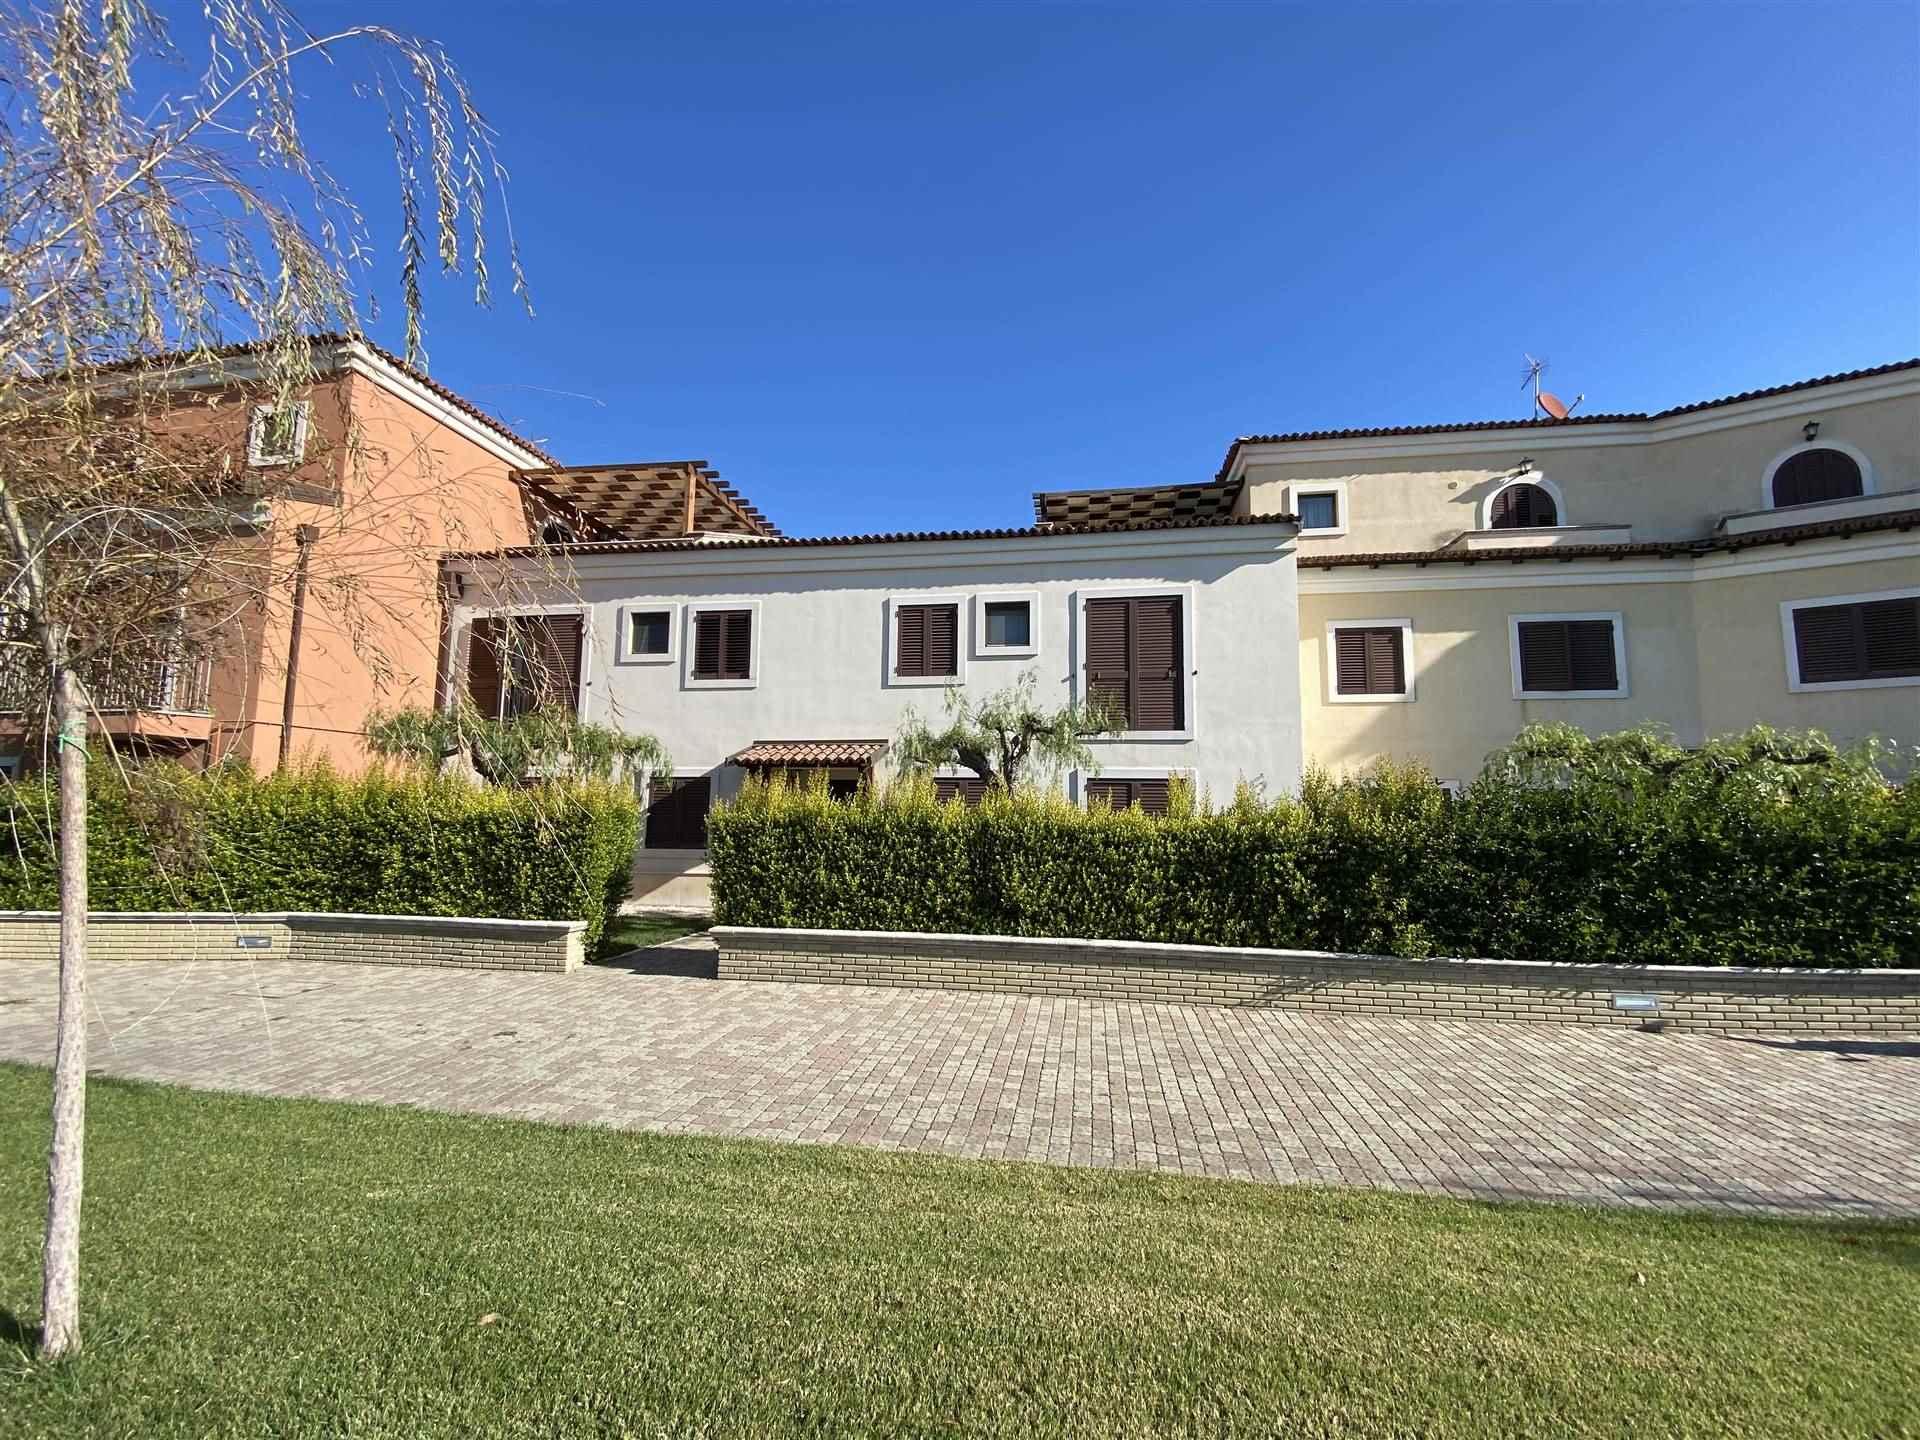 Appartamento in vendita a Policoro, 5 locali, zona Località: LIDO DI POLICORO, prezzo € 172.000   PortaleAgenzieImmobiliari.it